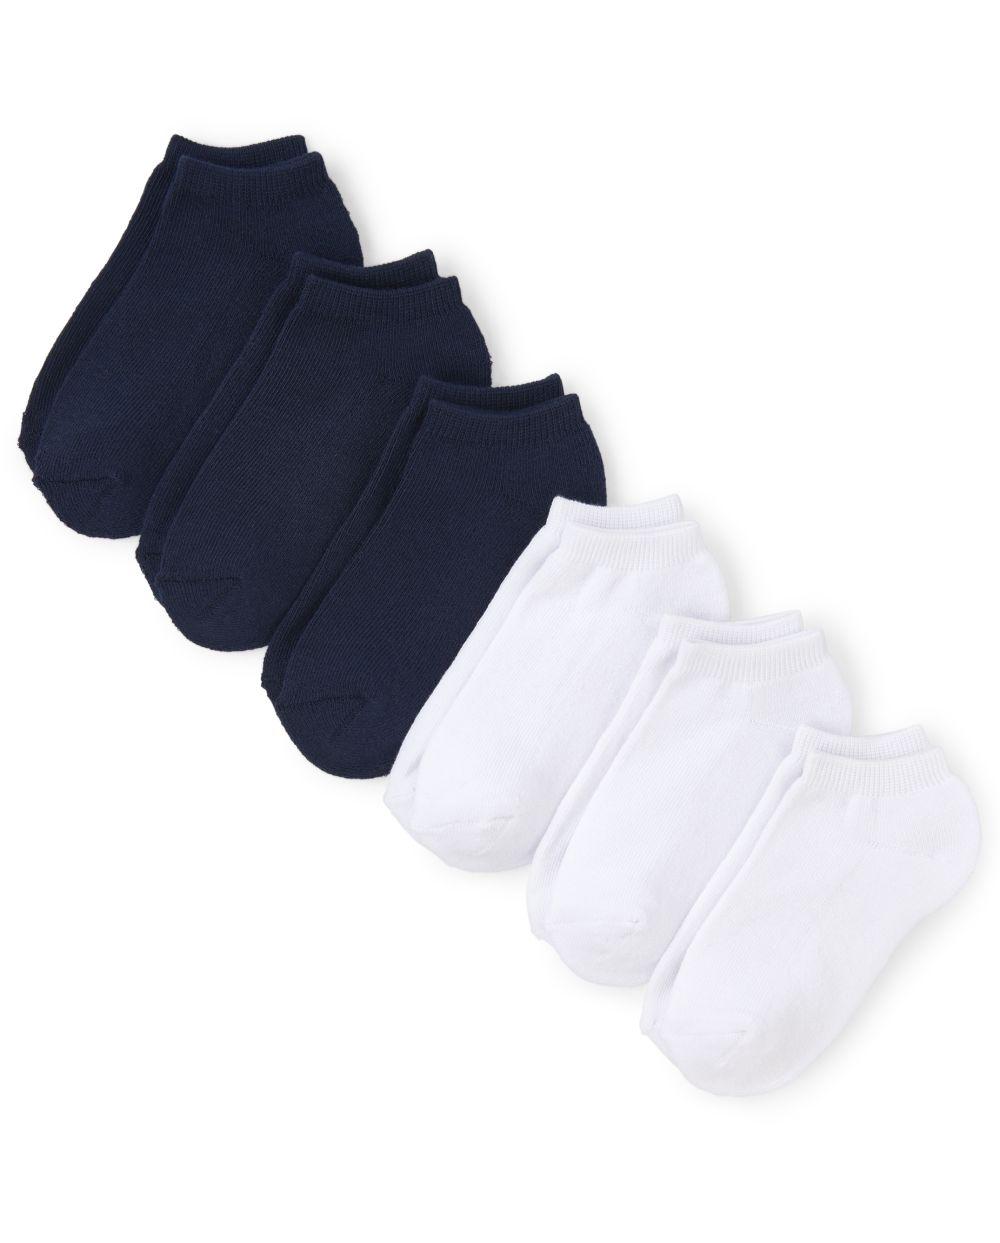 Calcetines tobilleros unisex para niños, paquete de 6